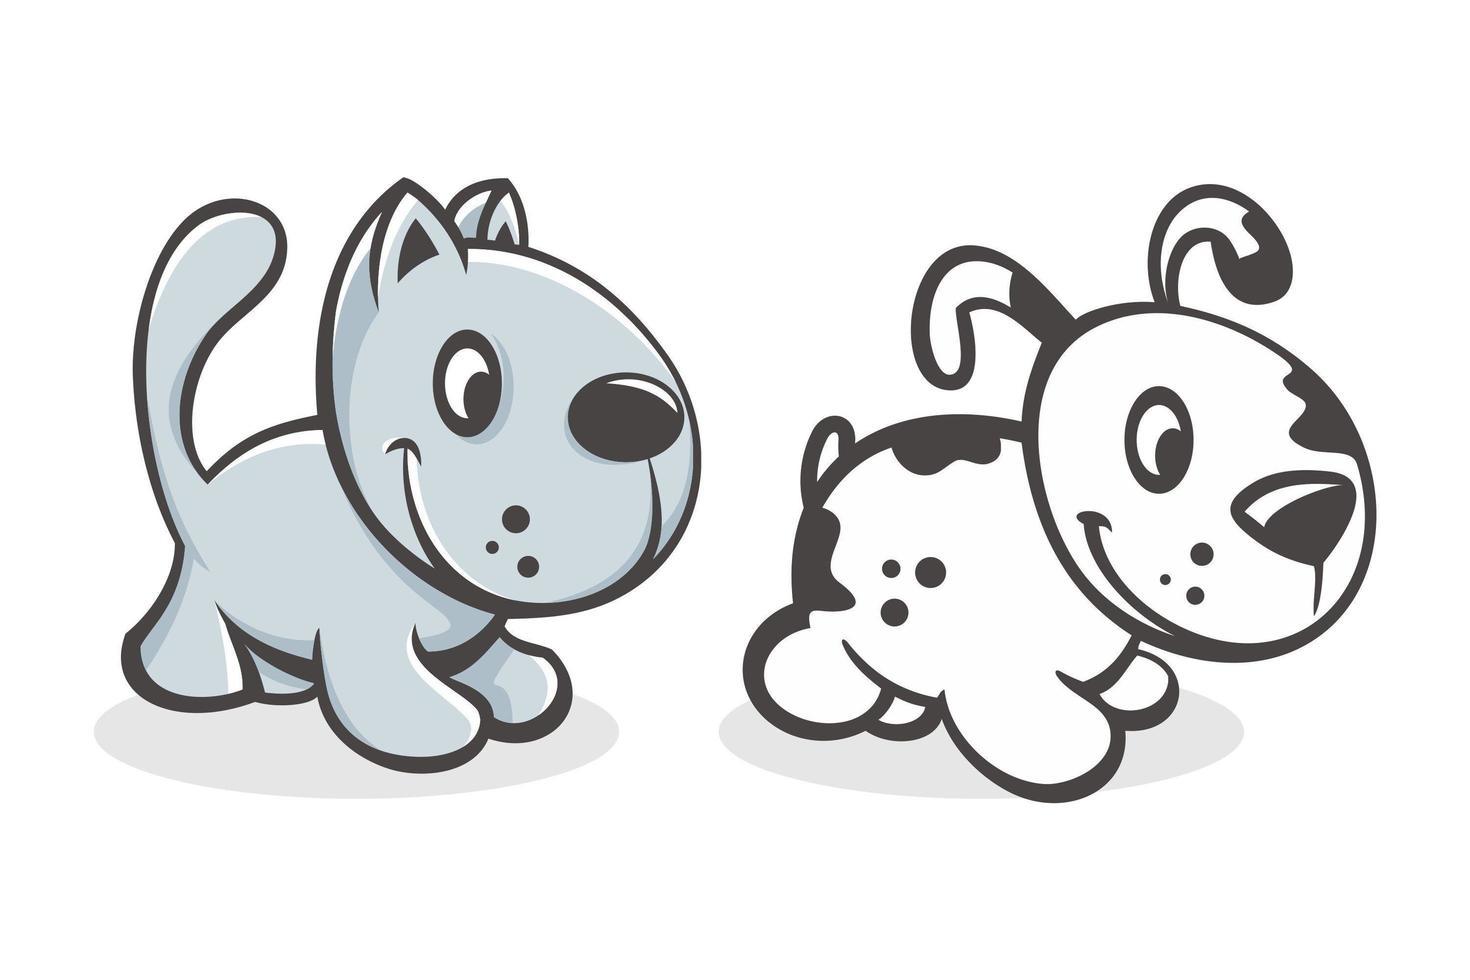 conjunto de dibujos animados lindo bebé gato y perro vector